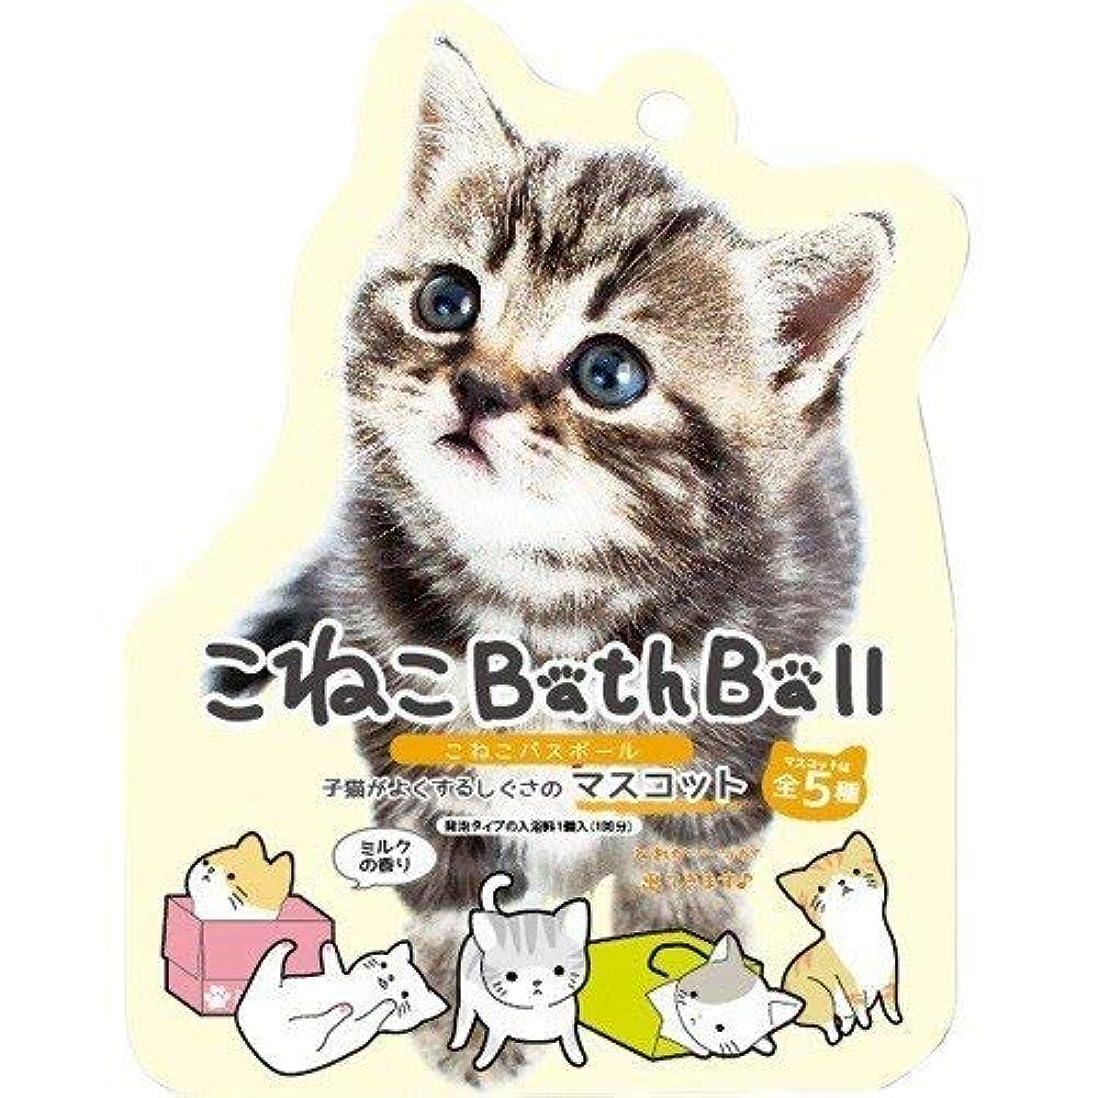 コンパス火曜日清める子ねこ バスボール マスコット入り 6個1セット 子猫 こねこ フィギュア入り 入浴剤